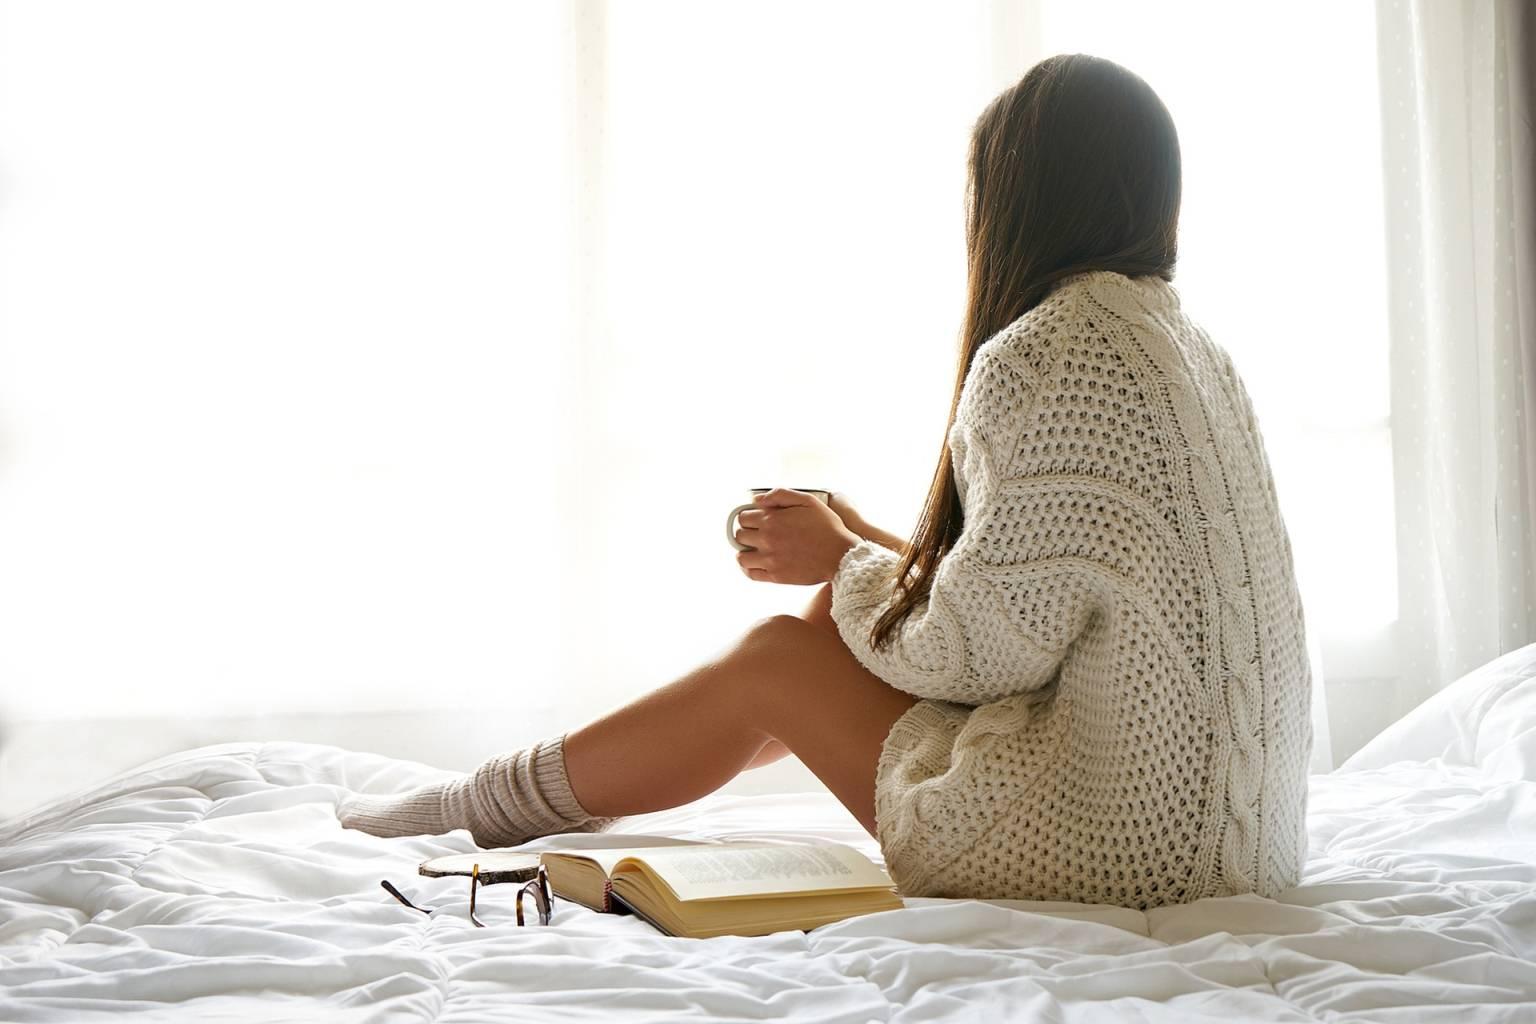 Atak zimnego wiatru w medycynie chińskiej, czyli jak leczyć przeziębienie? Kobieta ubrana w ciepły sweter i skarpetki siedzi z kubkiem herbaty na łóżku, tyłem do aparatu i patrzy w okno, obok leży otwarta książka i okulary.